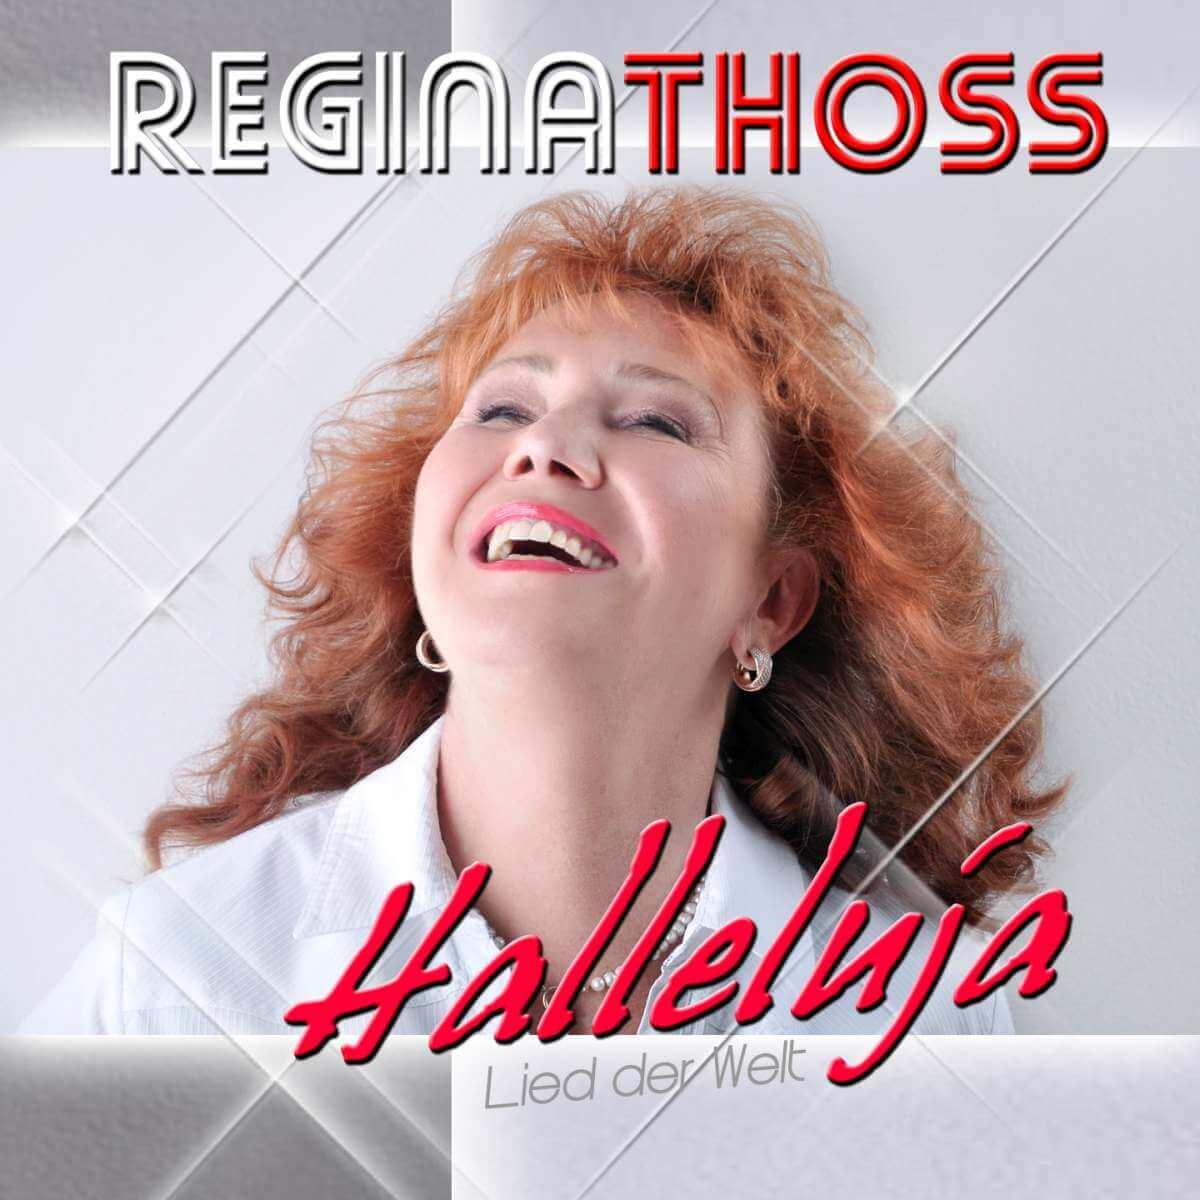 """Regina Thoss – """"Geliebte Weihnachtszeit"""" 03./04.12. 20 – 13 Uhr & 03.12.20 19.30 Uhr"""